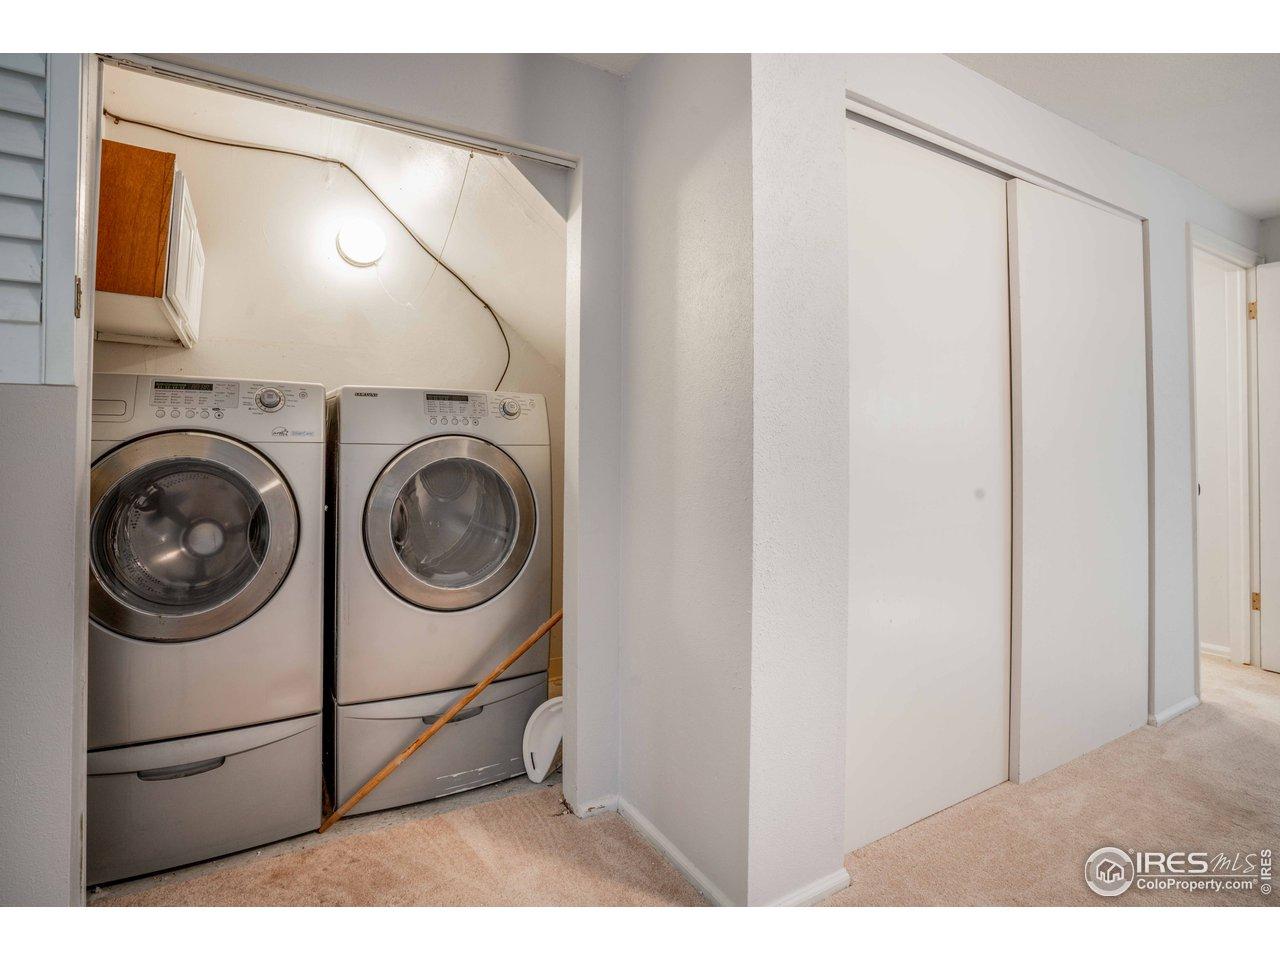 Washer & Dryer Closet